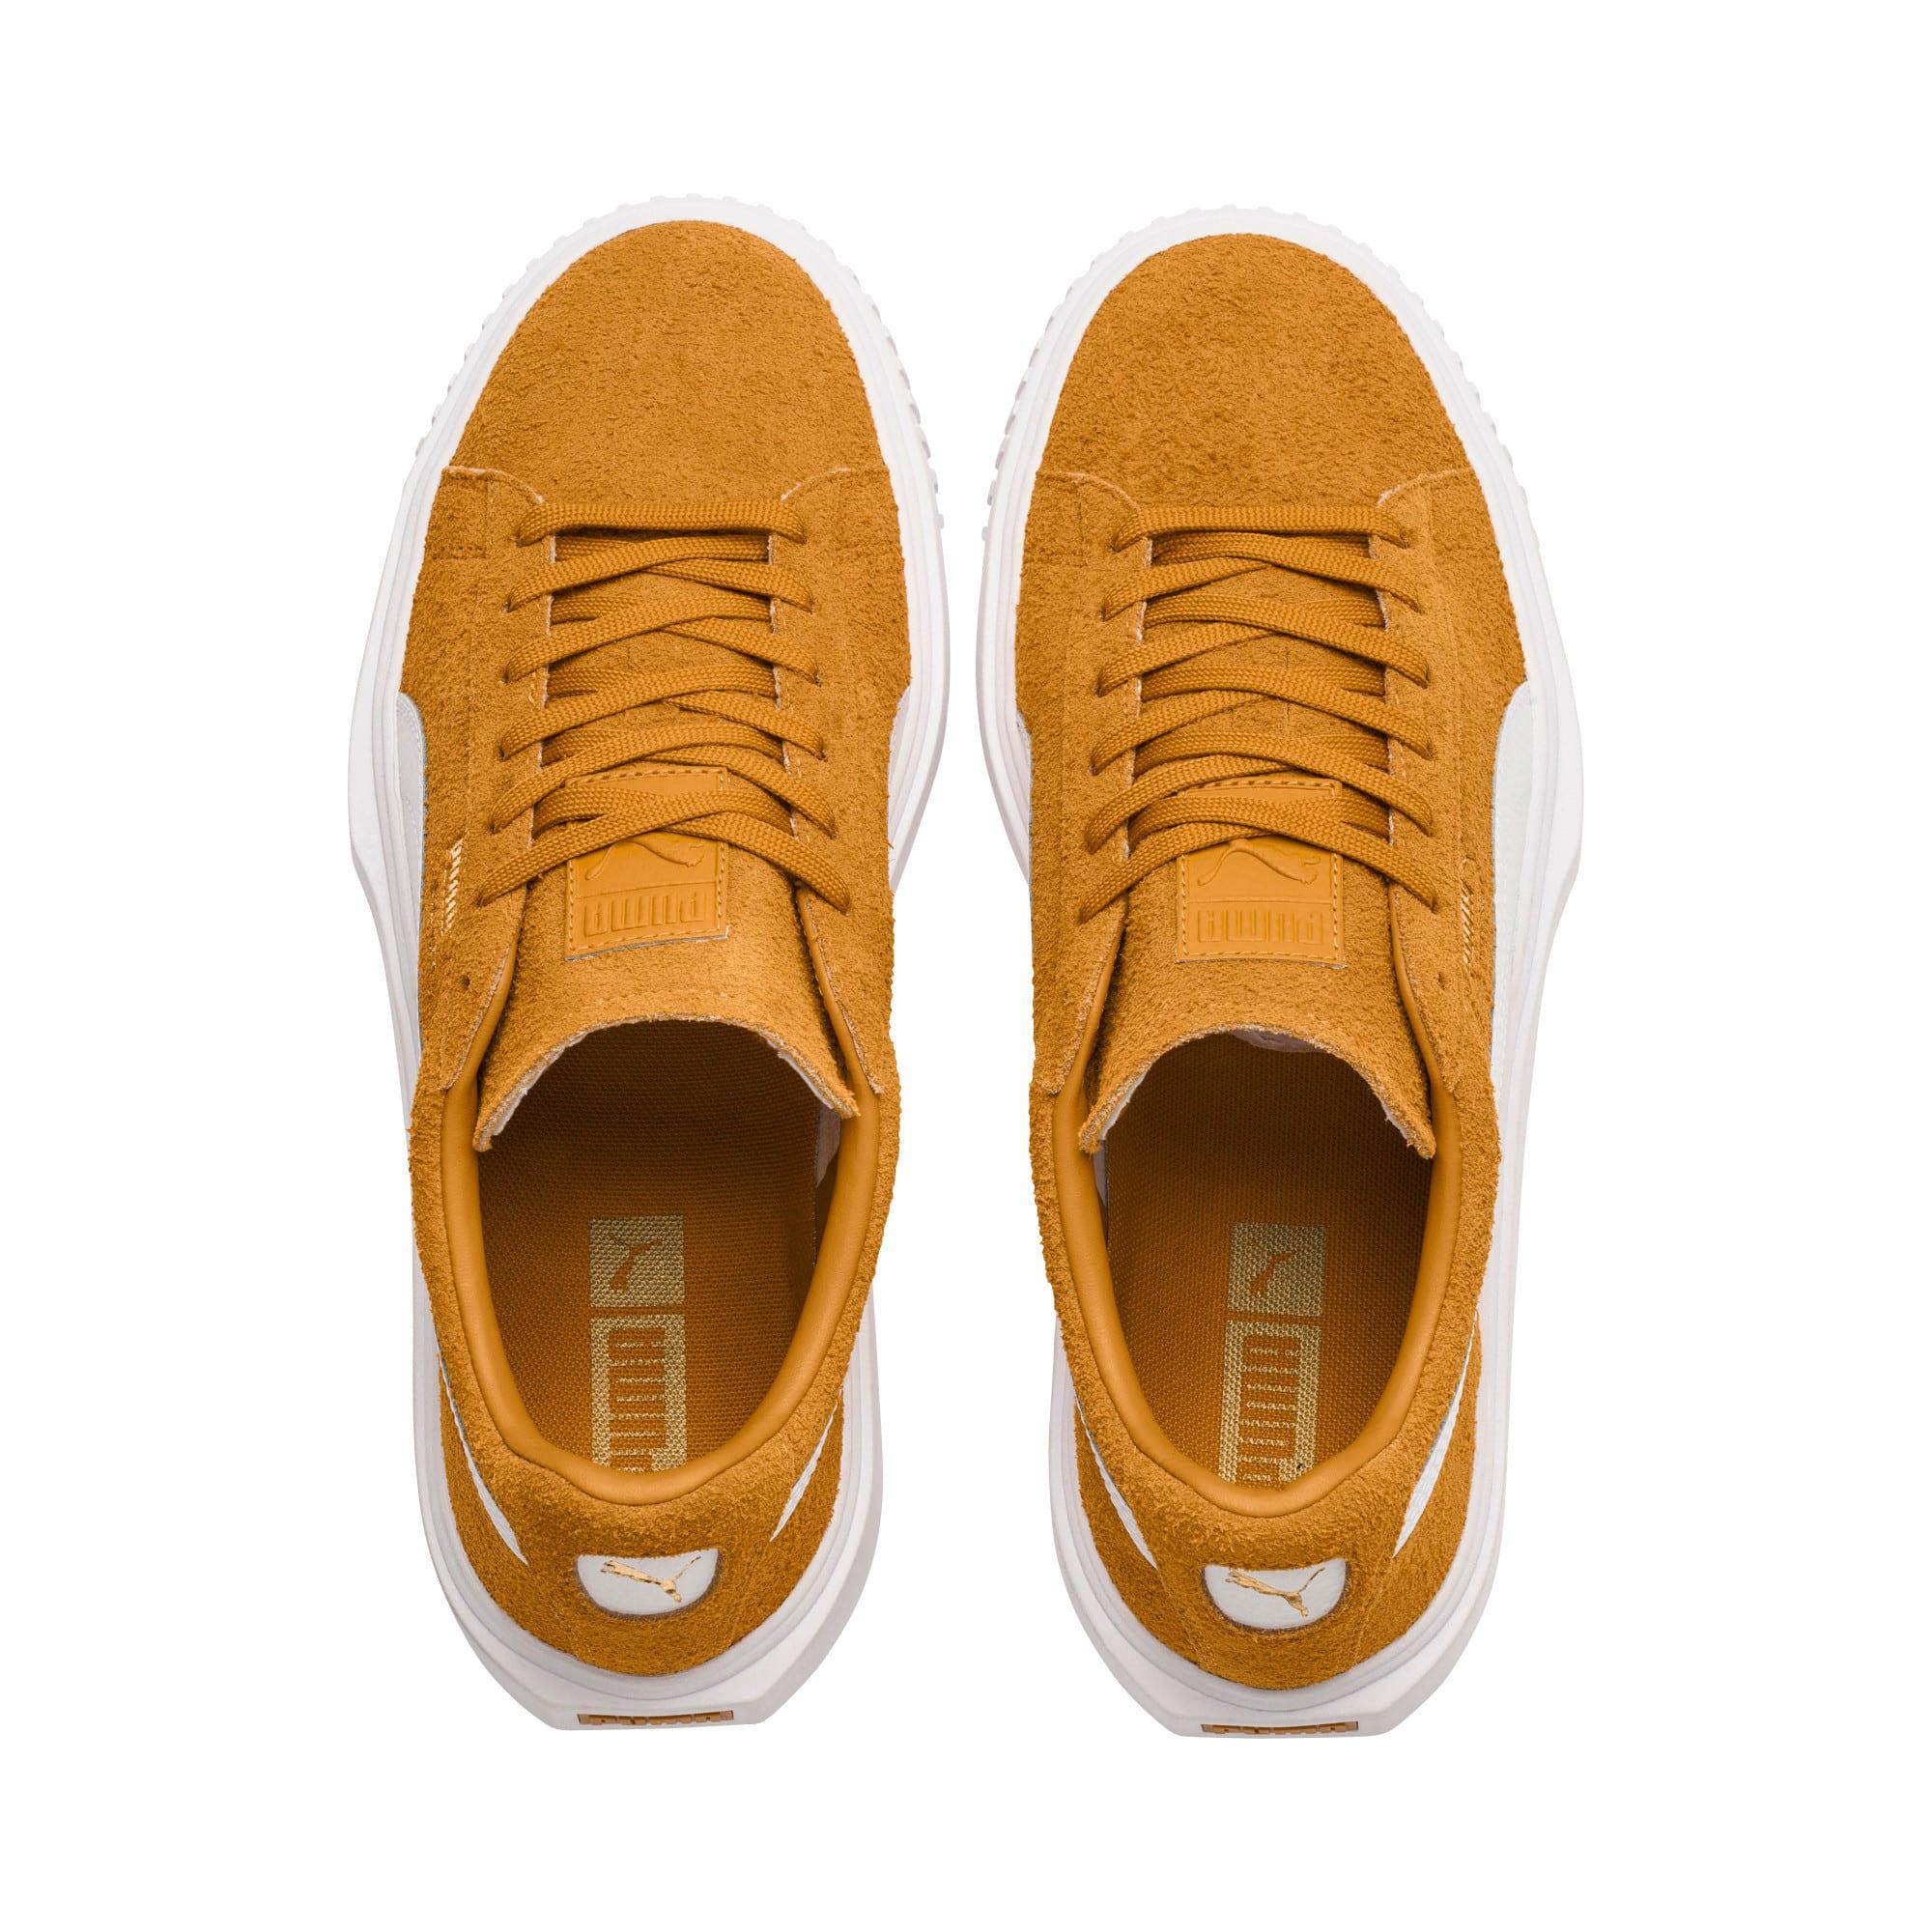 Thumbnail 6 of Breaker Evolution Sneakers, BcktornBrwn-PWht-BcktornBrwn, medium